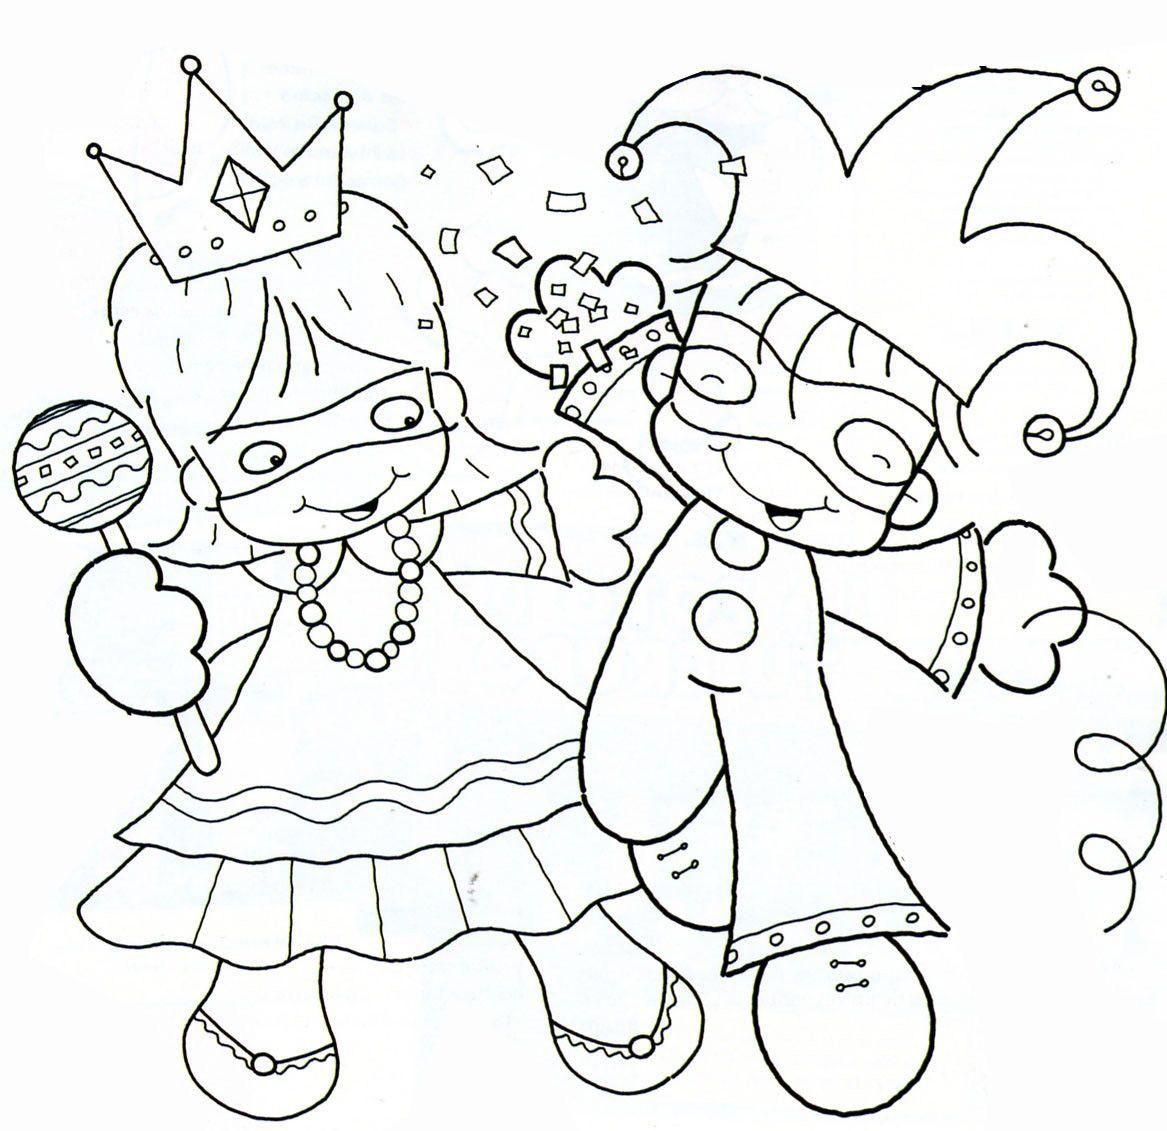 Dibujos De Carnaval Para Colorear, Pintar E Imprimir